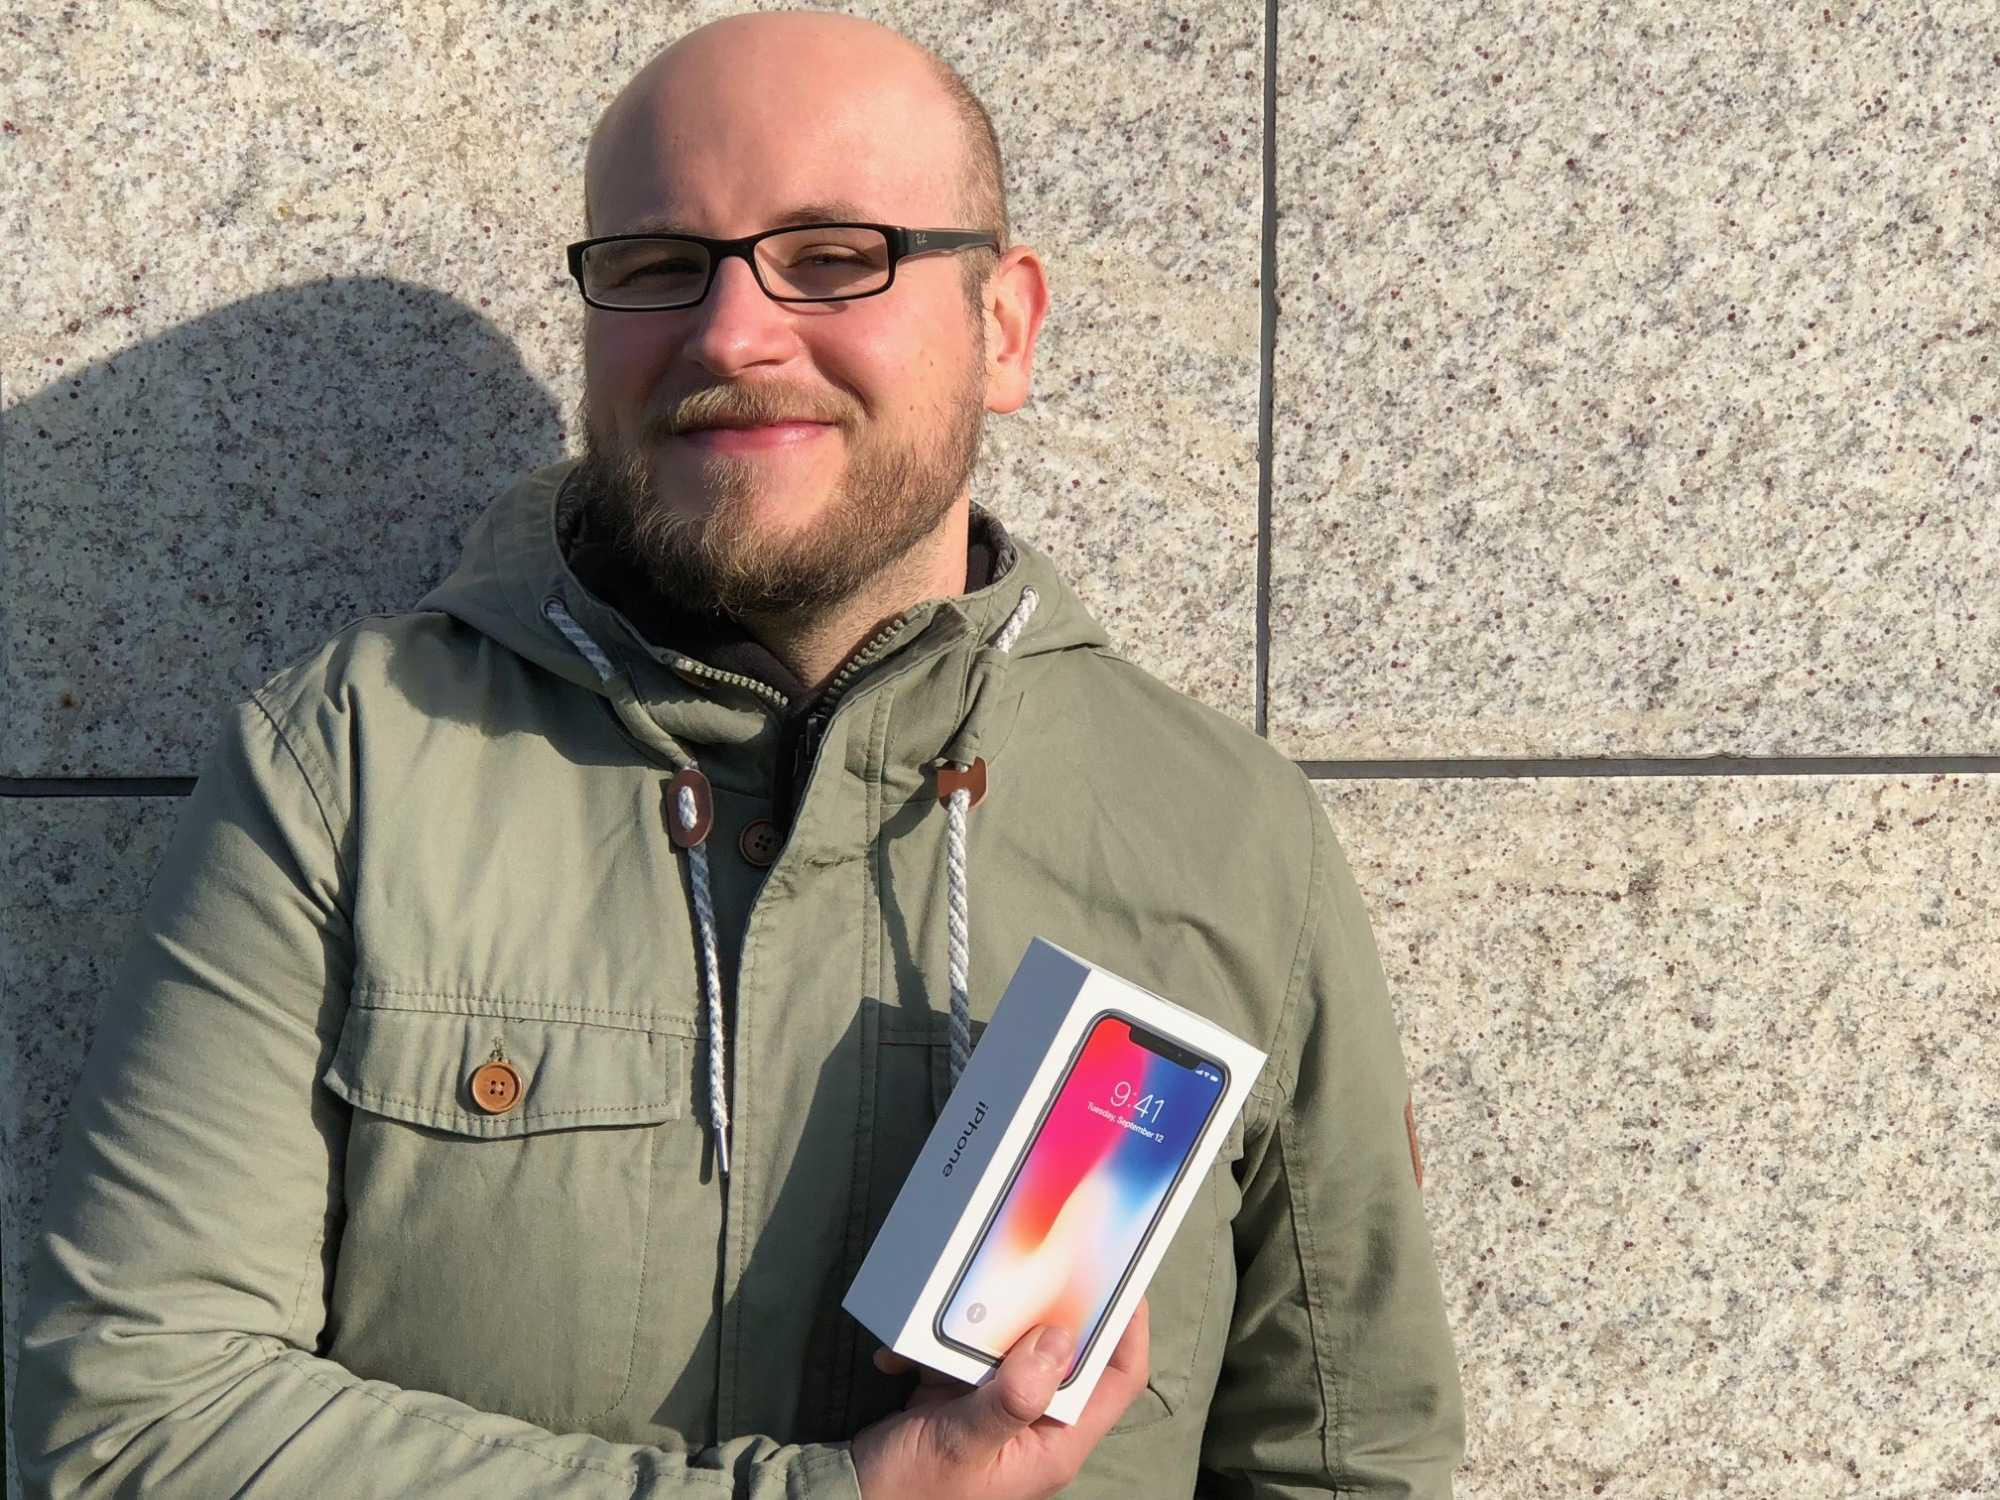 Nach zwei Stunden Wartezeit konnte Holger Zelder von Mac & i ein iPhone X kaufen.